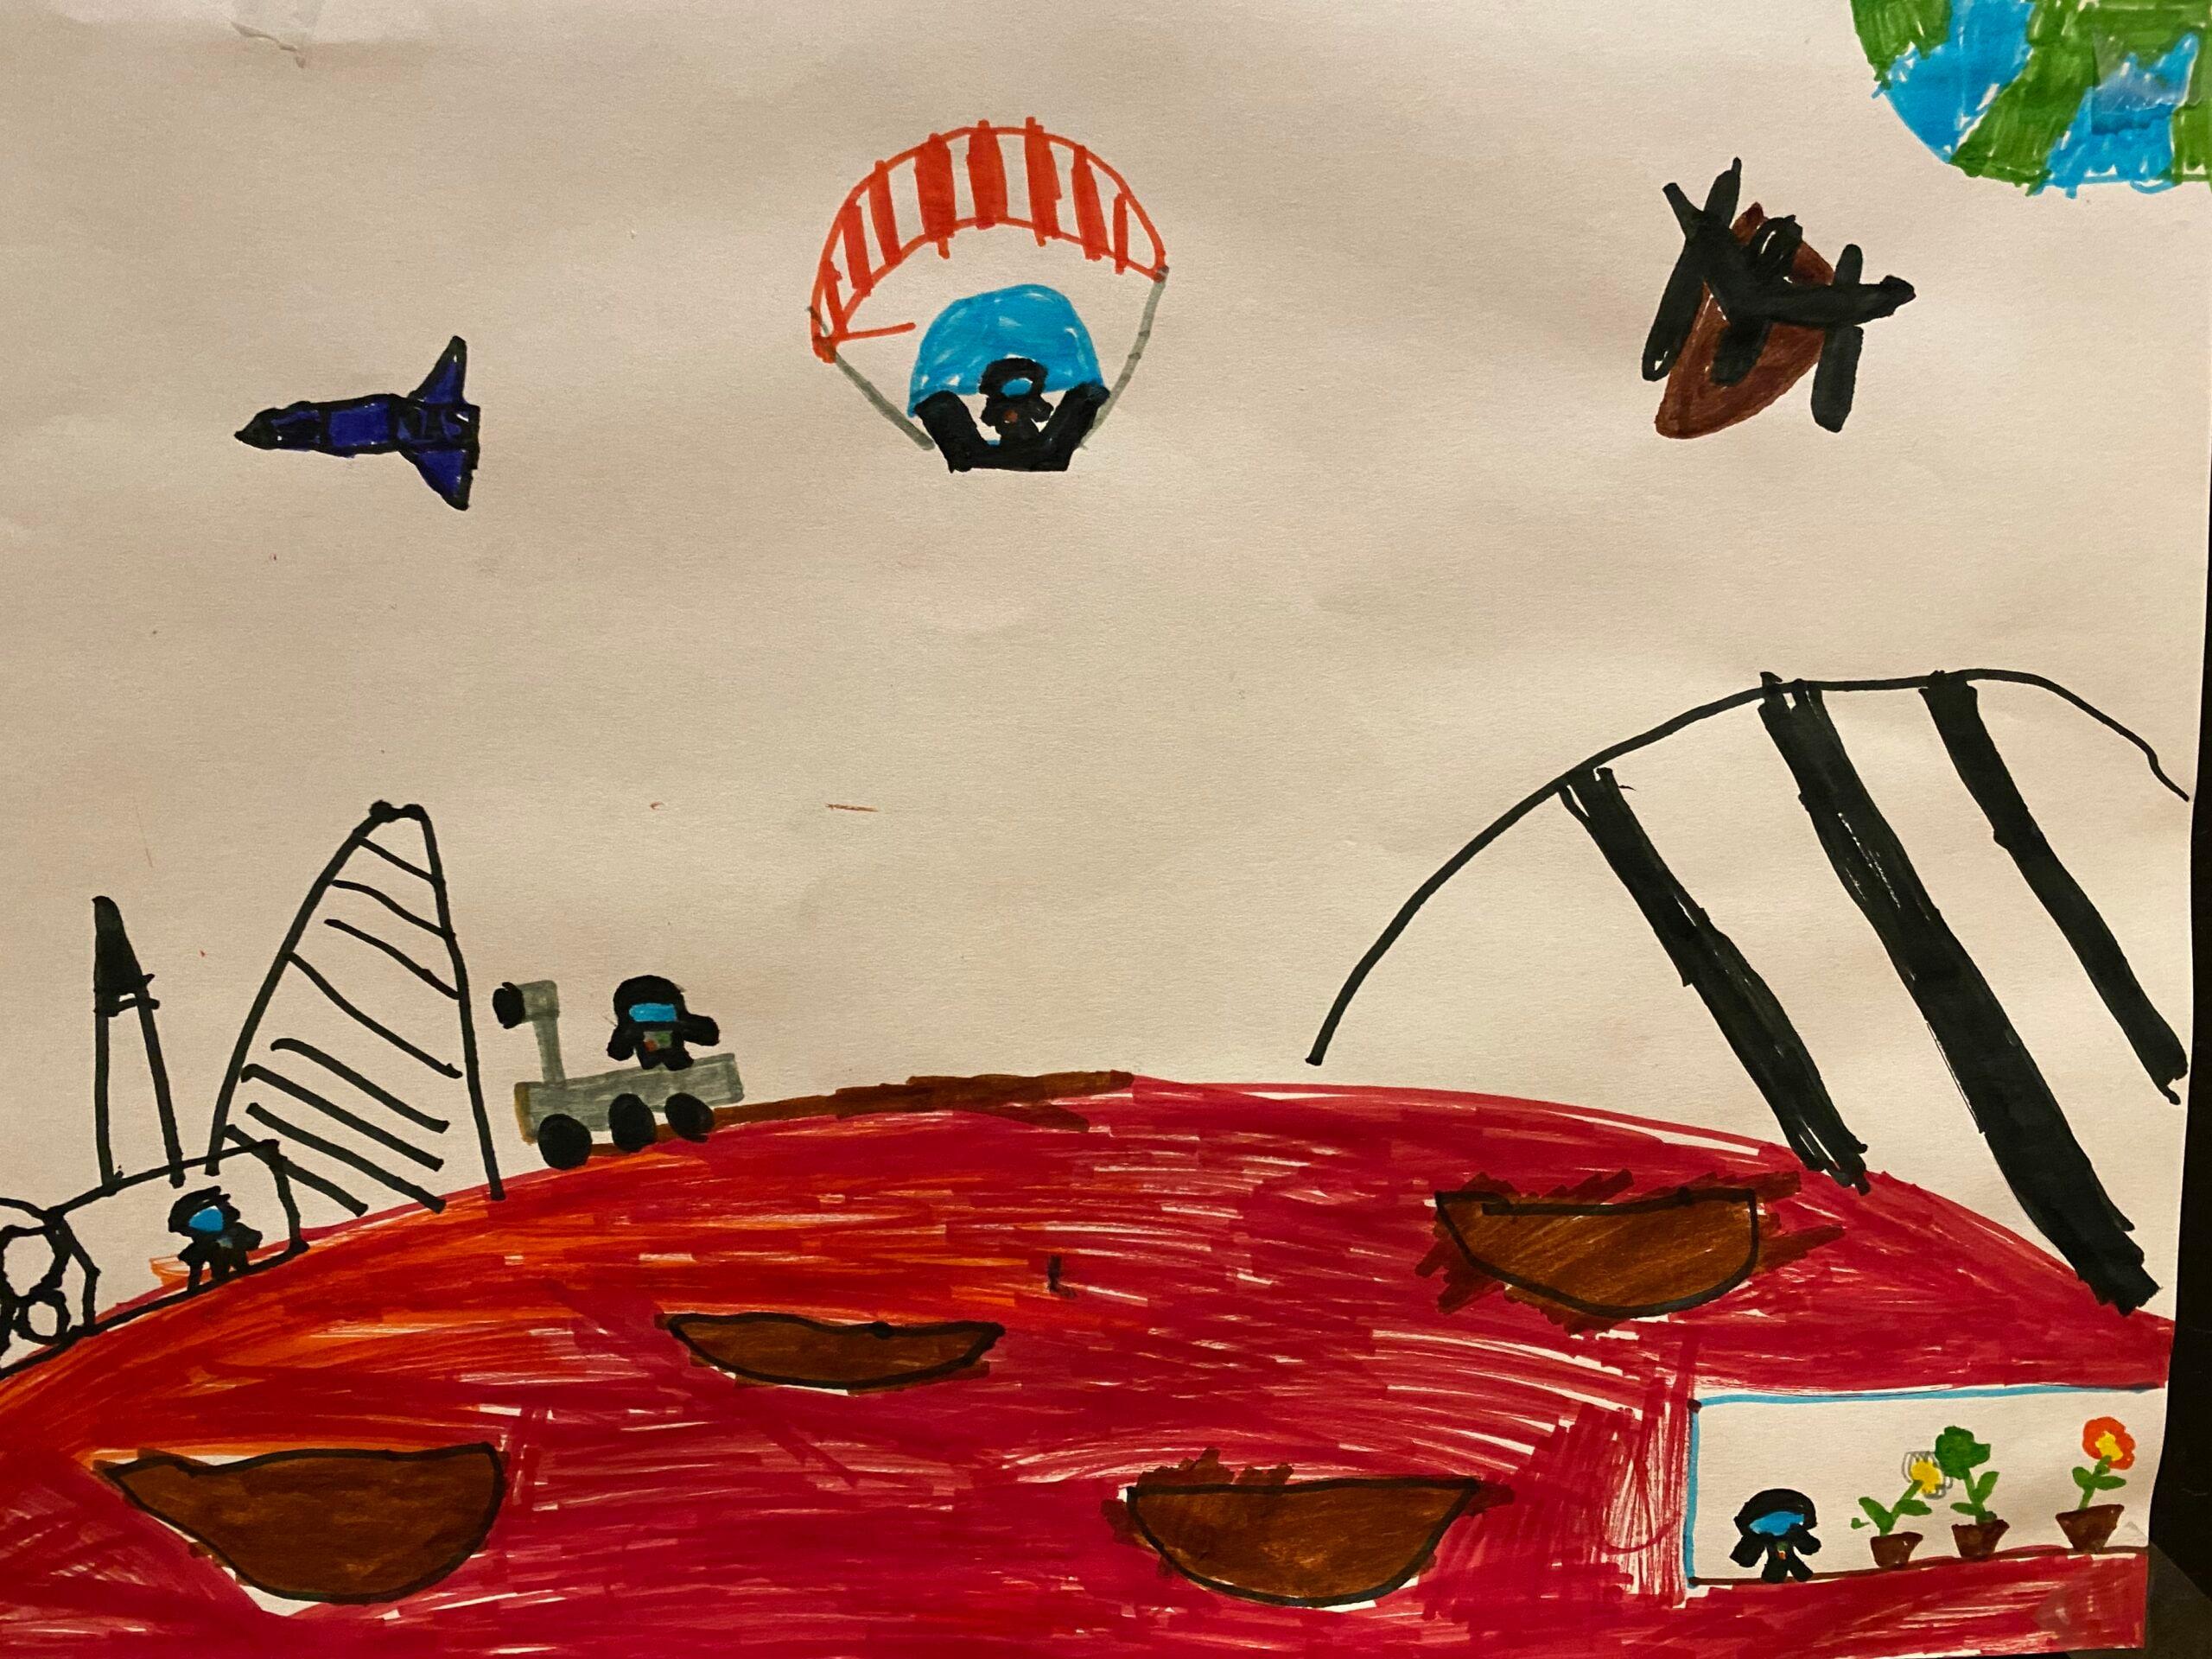 Gallery, lo spazio e i pianeti nei disegni dei focusini 2